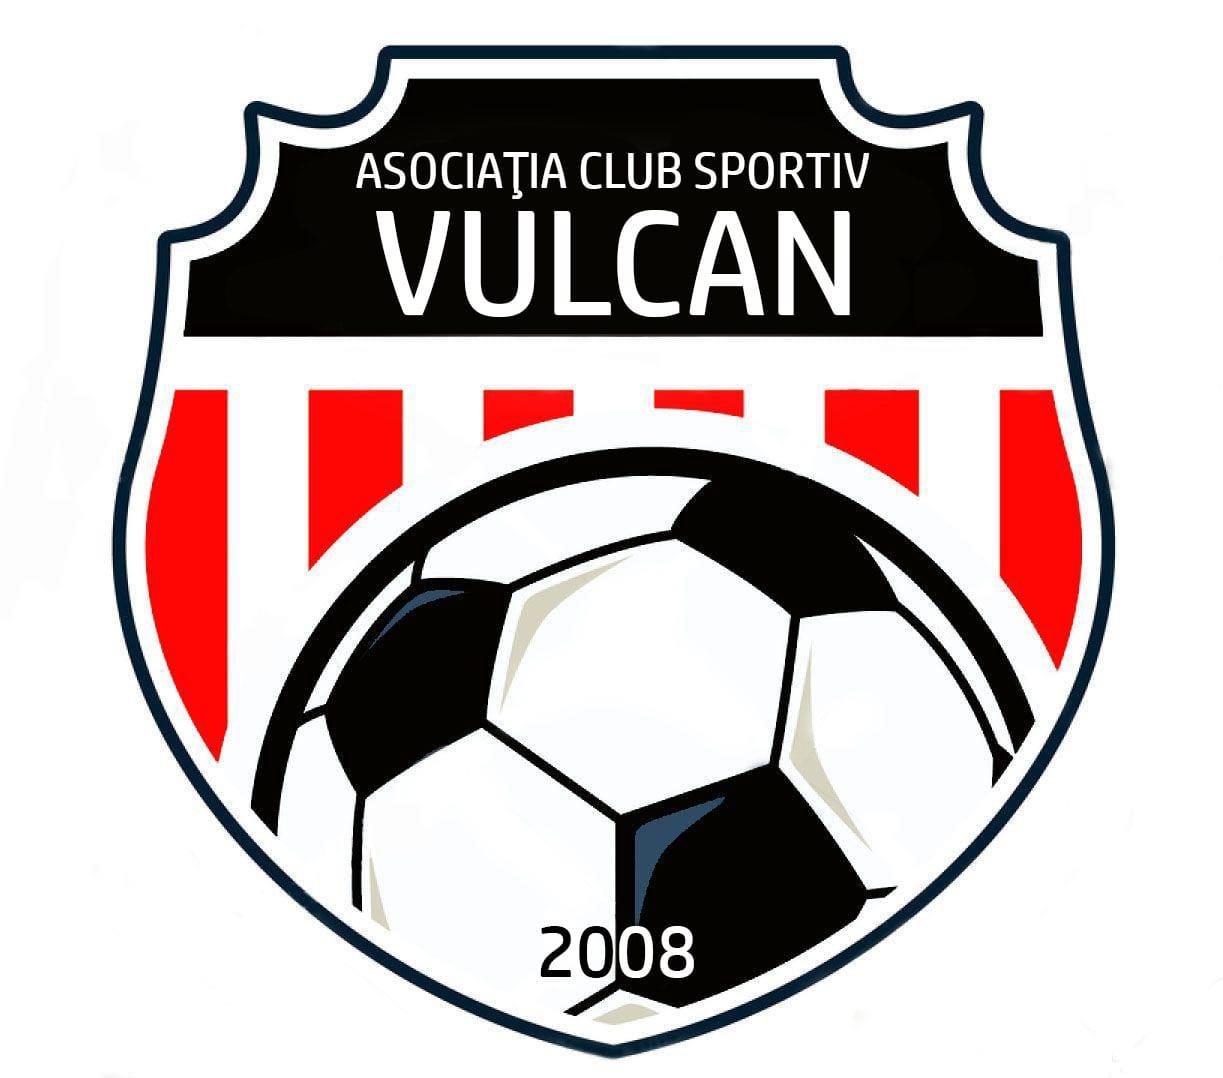 A.S. Vulcan 2008